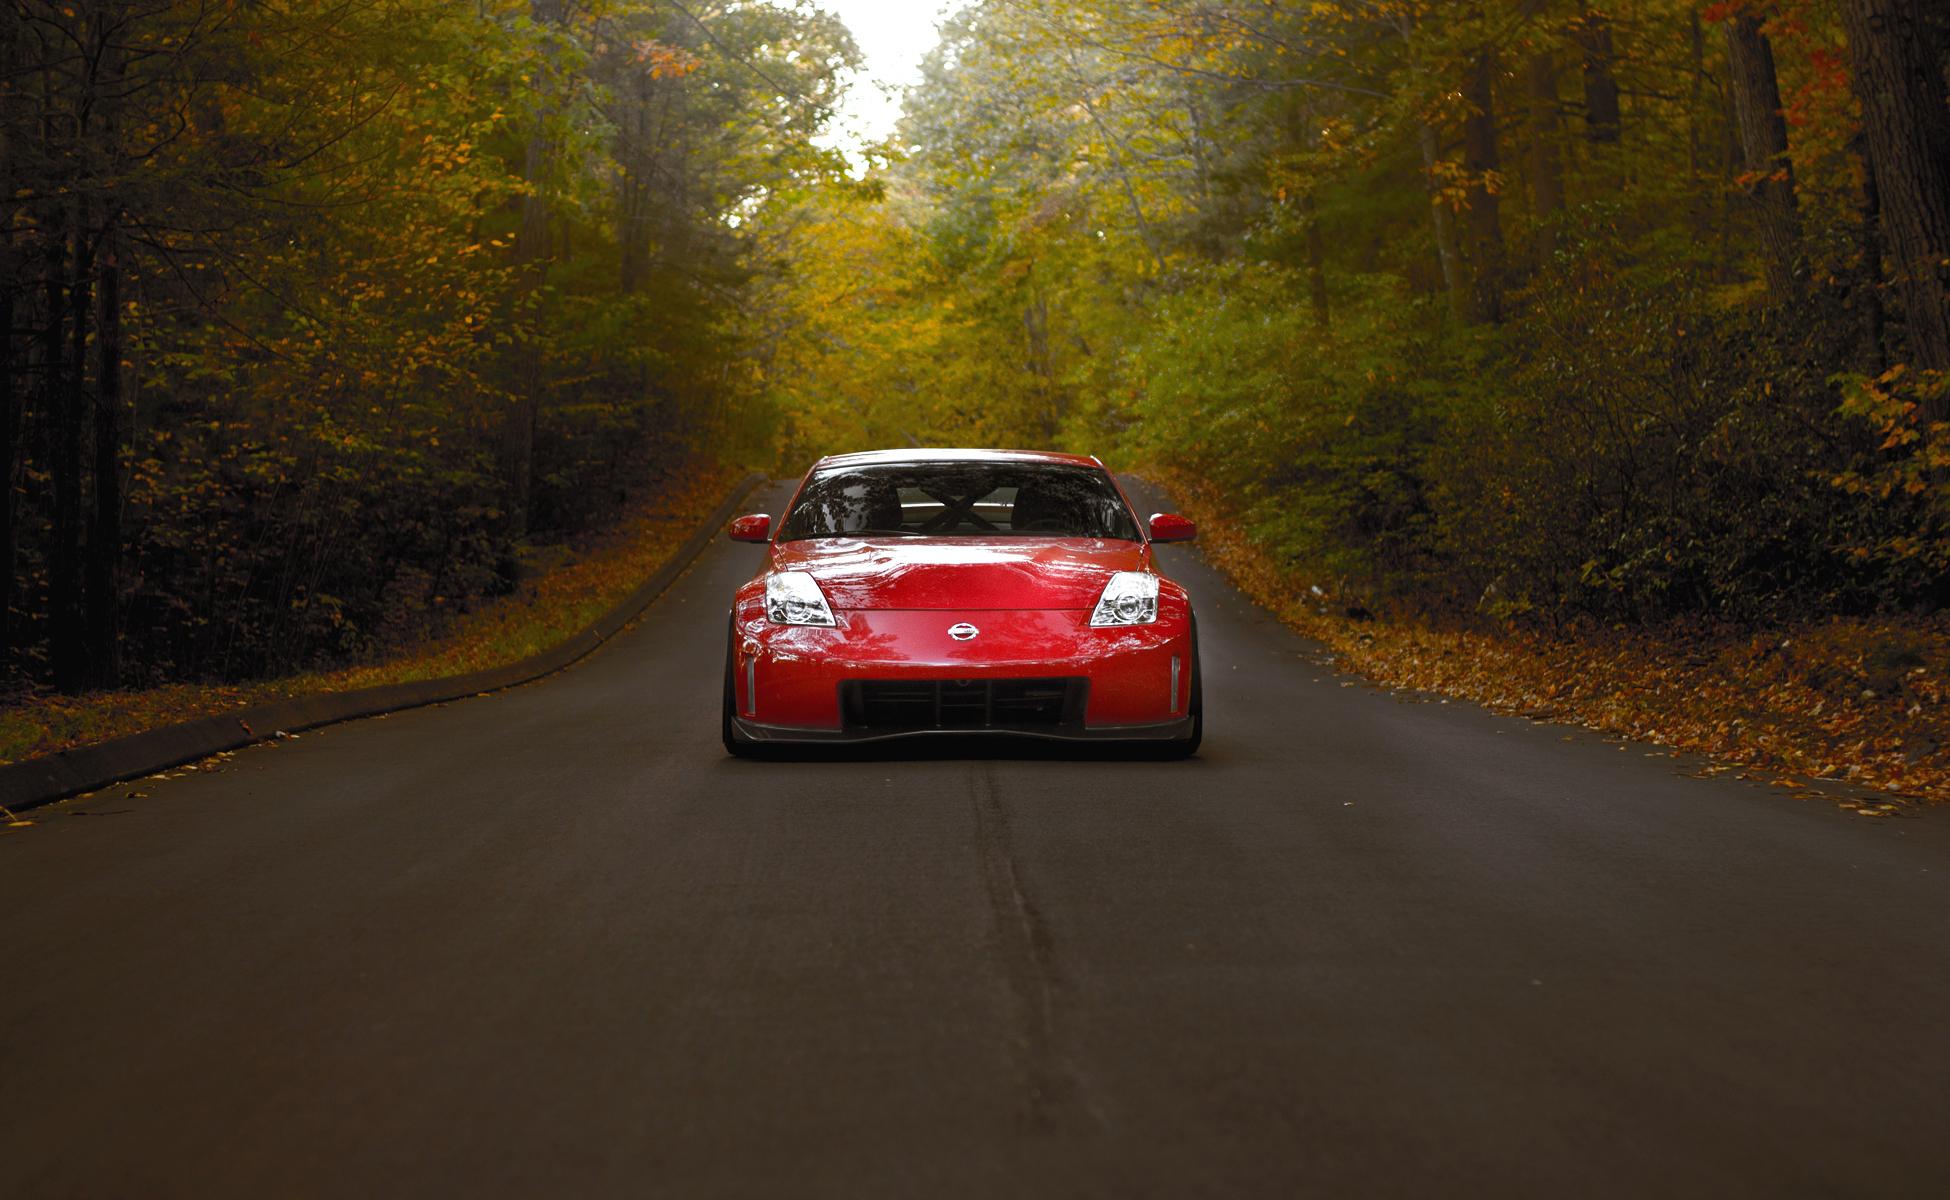 автомобиль осень лес дорога бесплатно